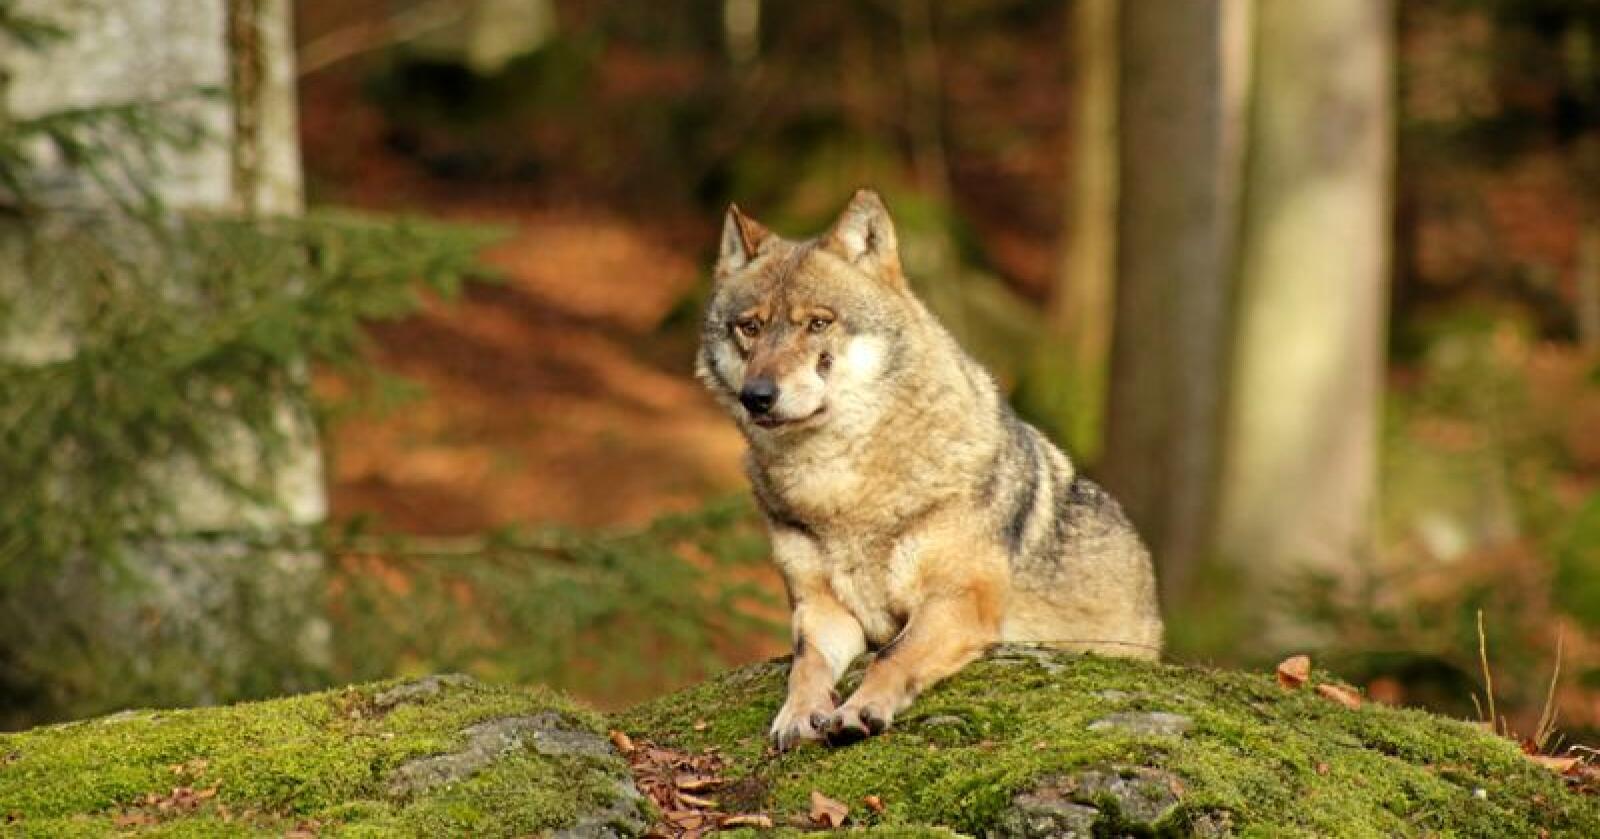 Ulvebestanden vokser raskt i Tyskland. Her ulv i en nasjonalpark i Bayern sør i landet. Foto: Gerlinde Zierer (CC BY-SA 4.0)